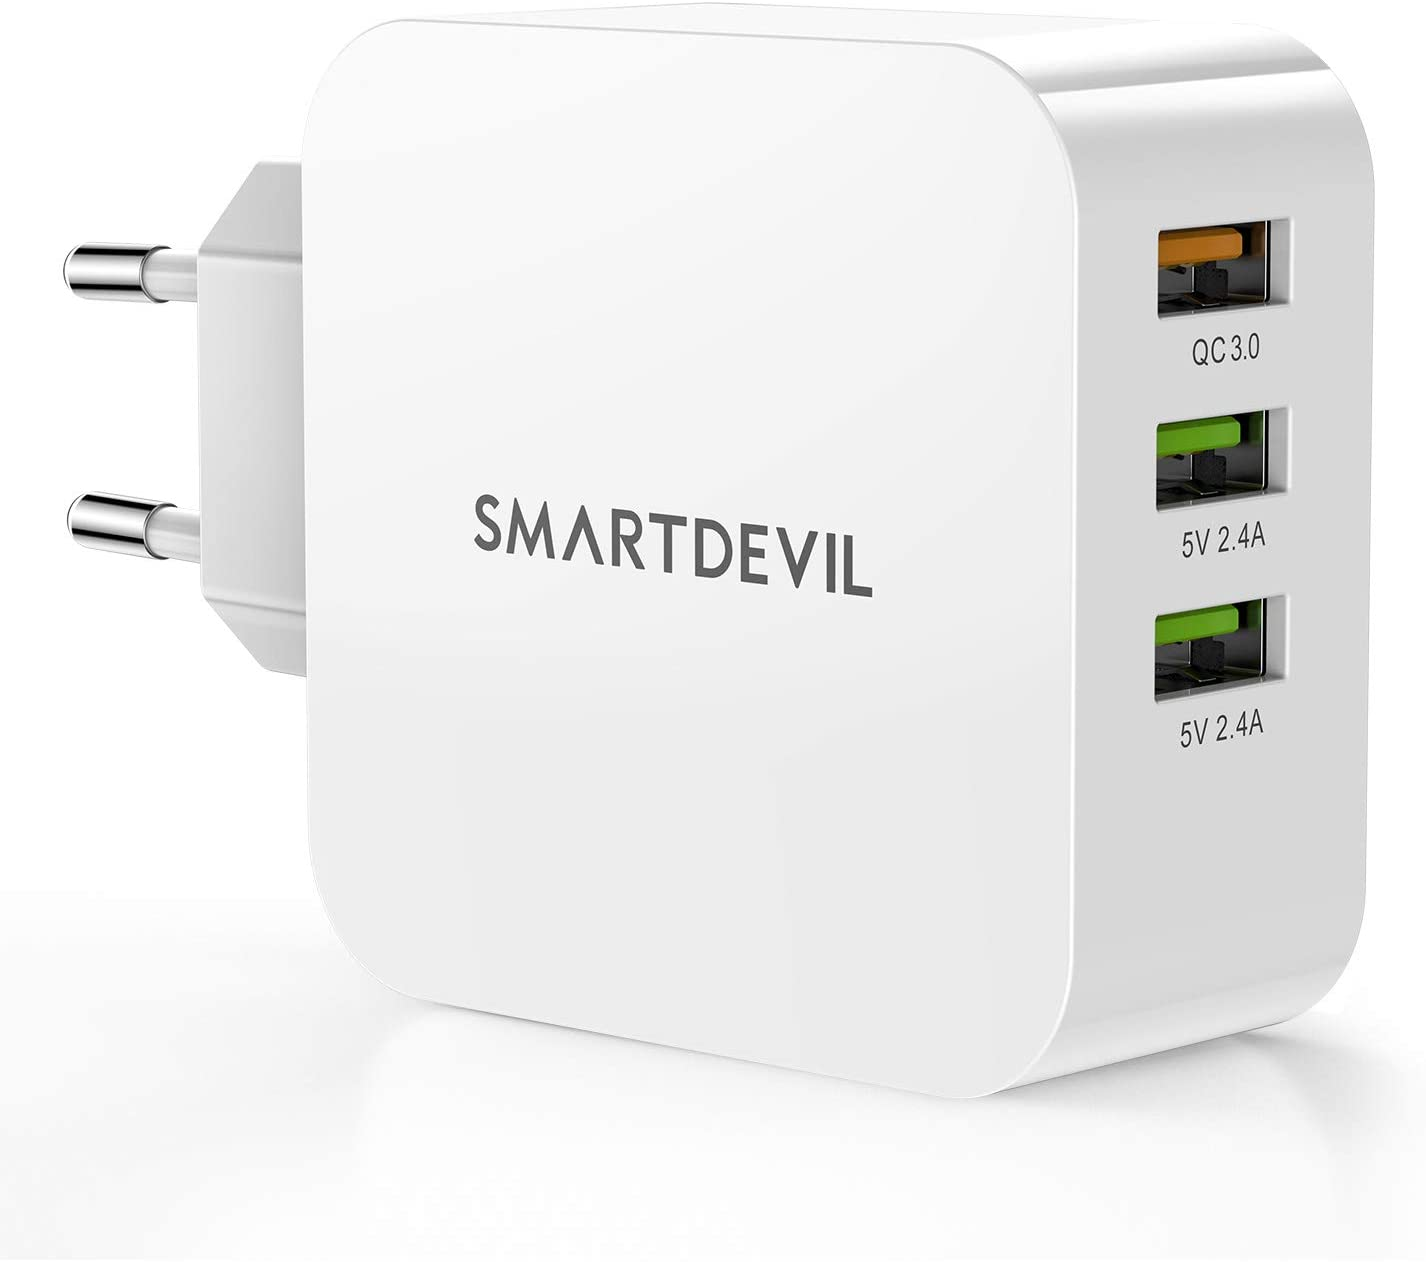 SmartDevil Cargador USB Multipuerto Quick Charge 3.0 36W Enchufe USB [Qualcomm Certificado] Cargador Rapido Cargador Movil para Samsung S9/Note 9/S8/iPhone, LG, Nexus, HTC, iPad y Más